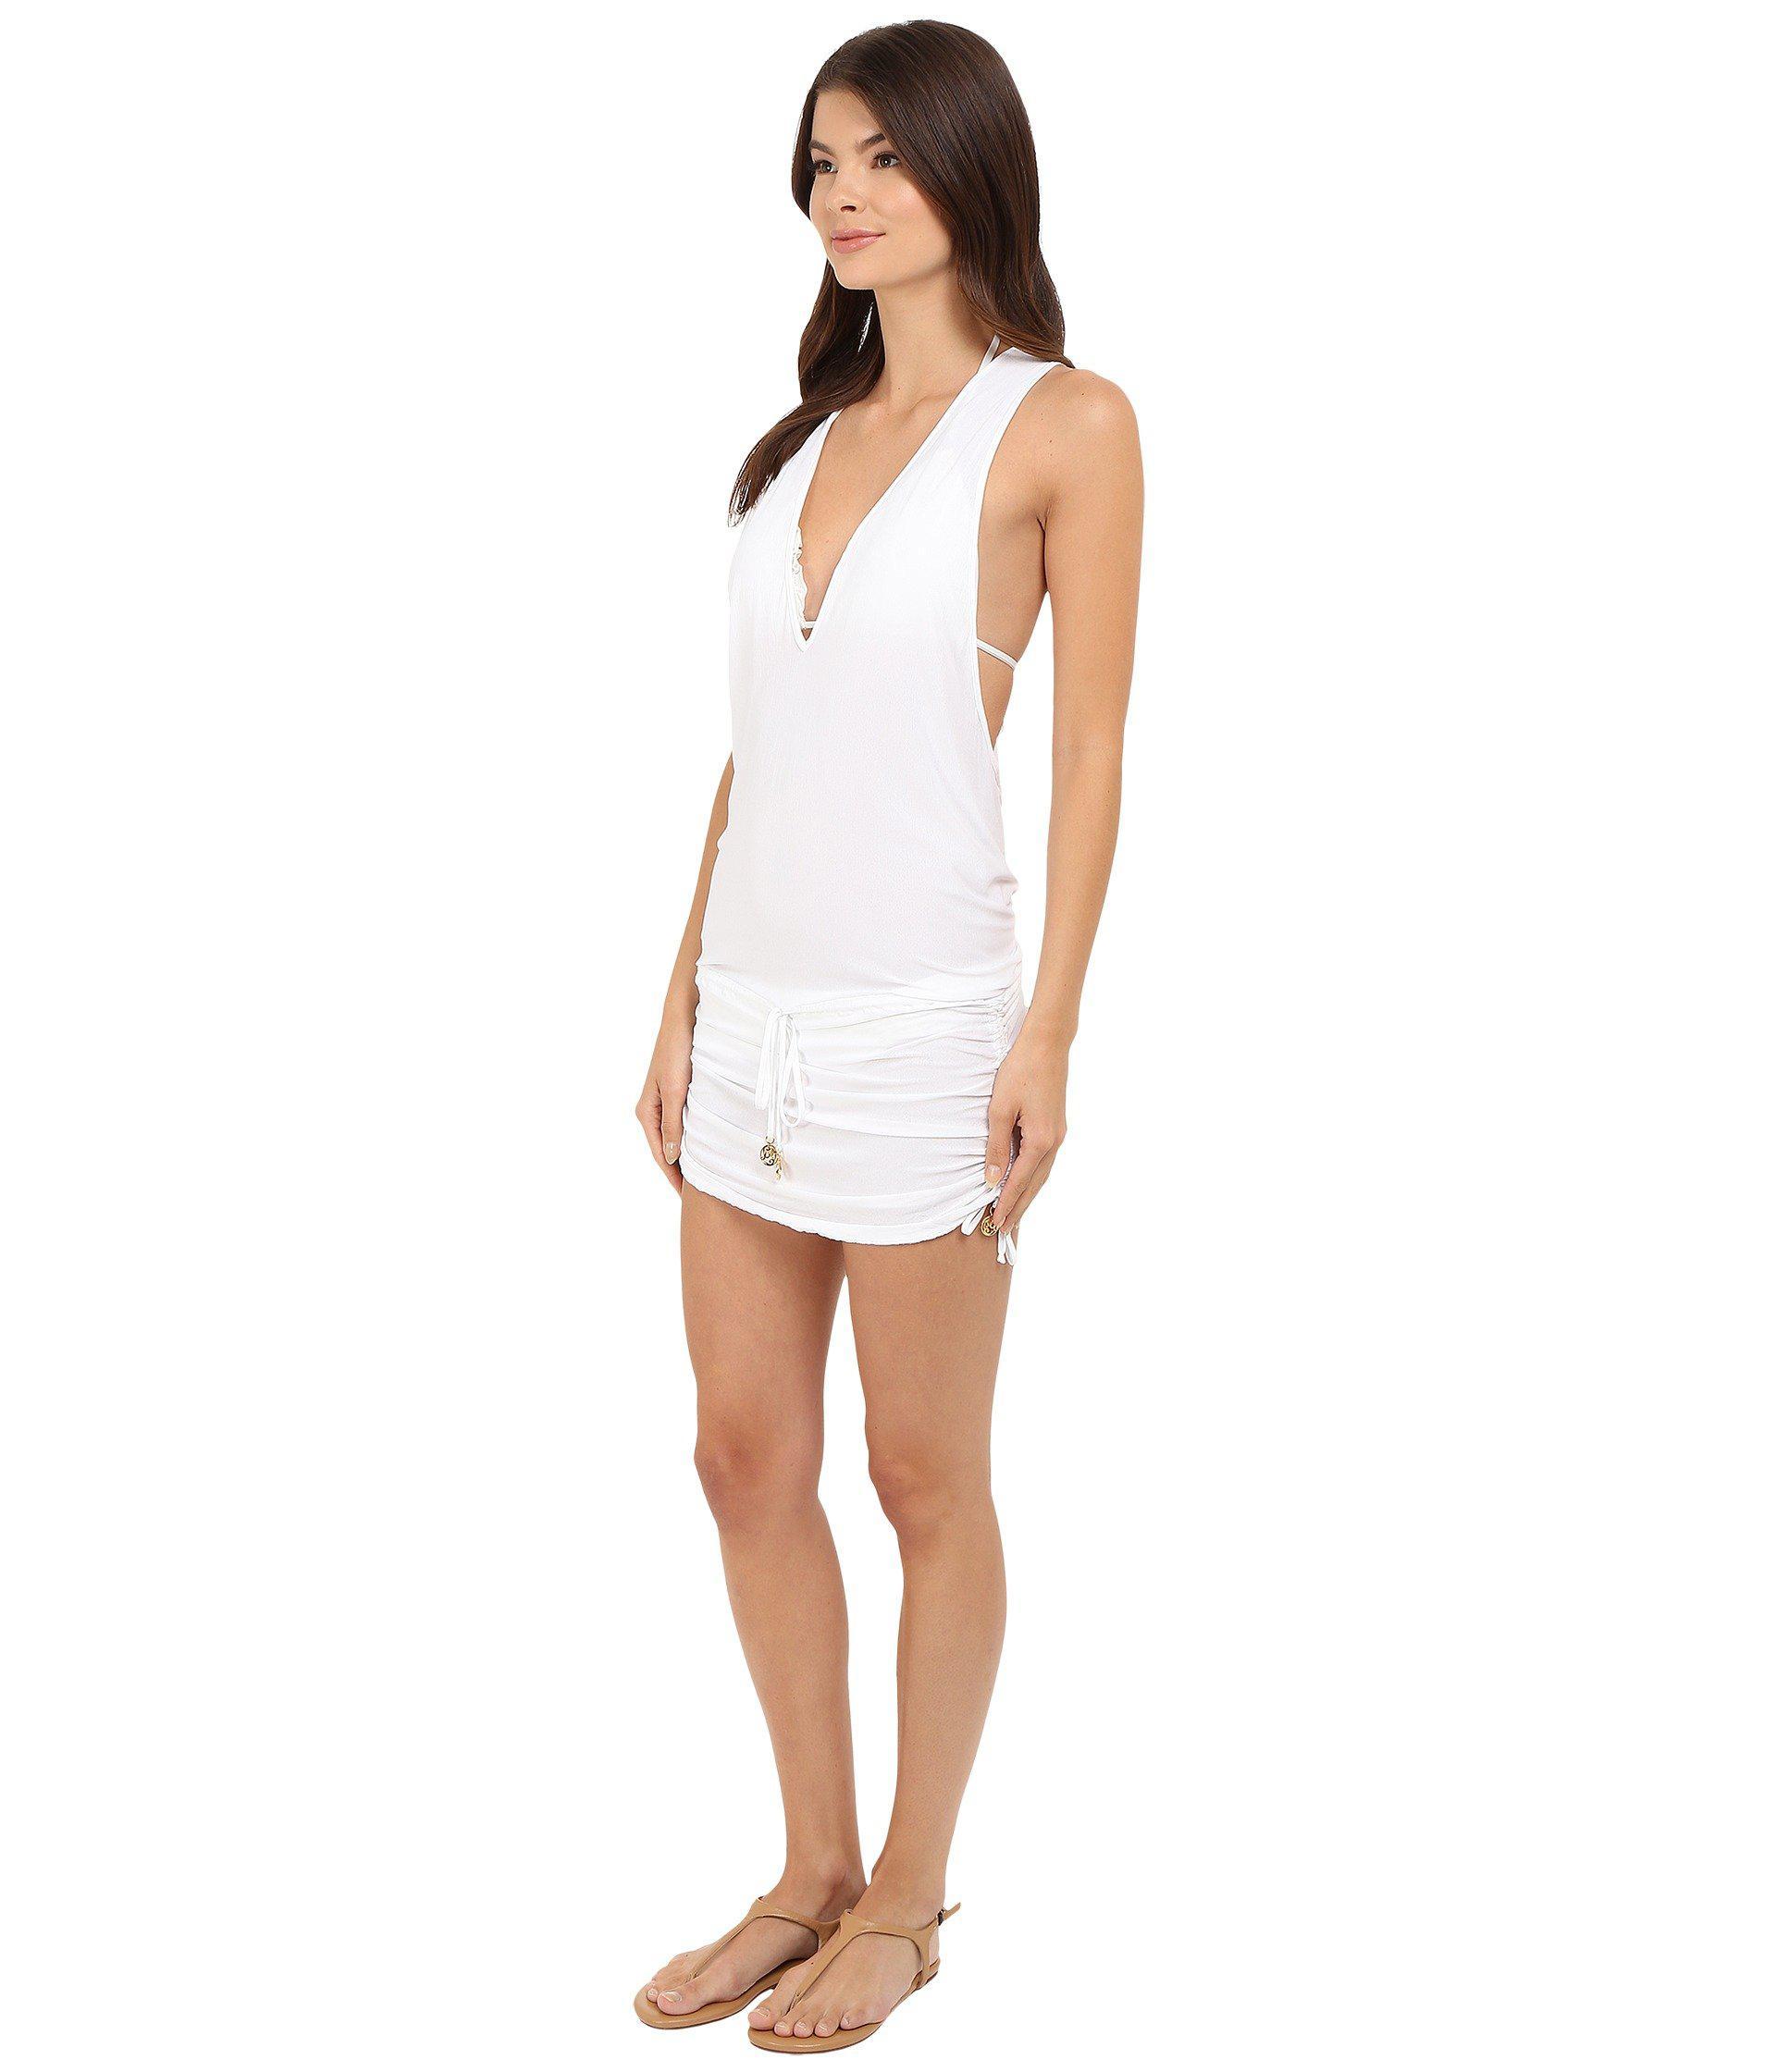 c3ea3fde26588 Lyst - Luli Fama Cosita Buena T-back Mini Dress Cover-up (black) Women's  Swimwear in White